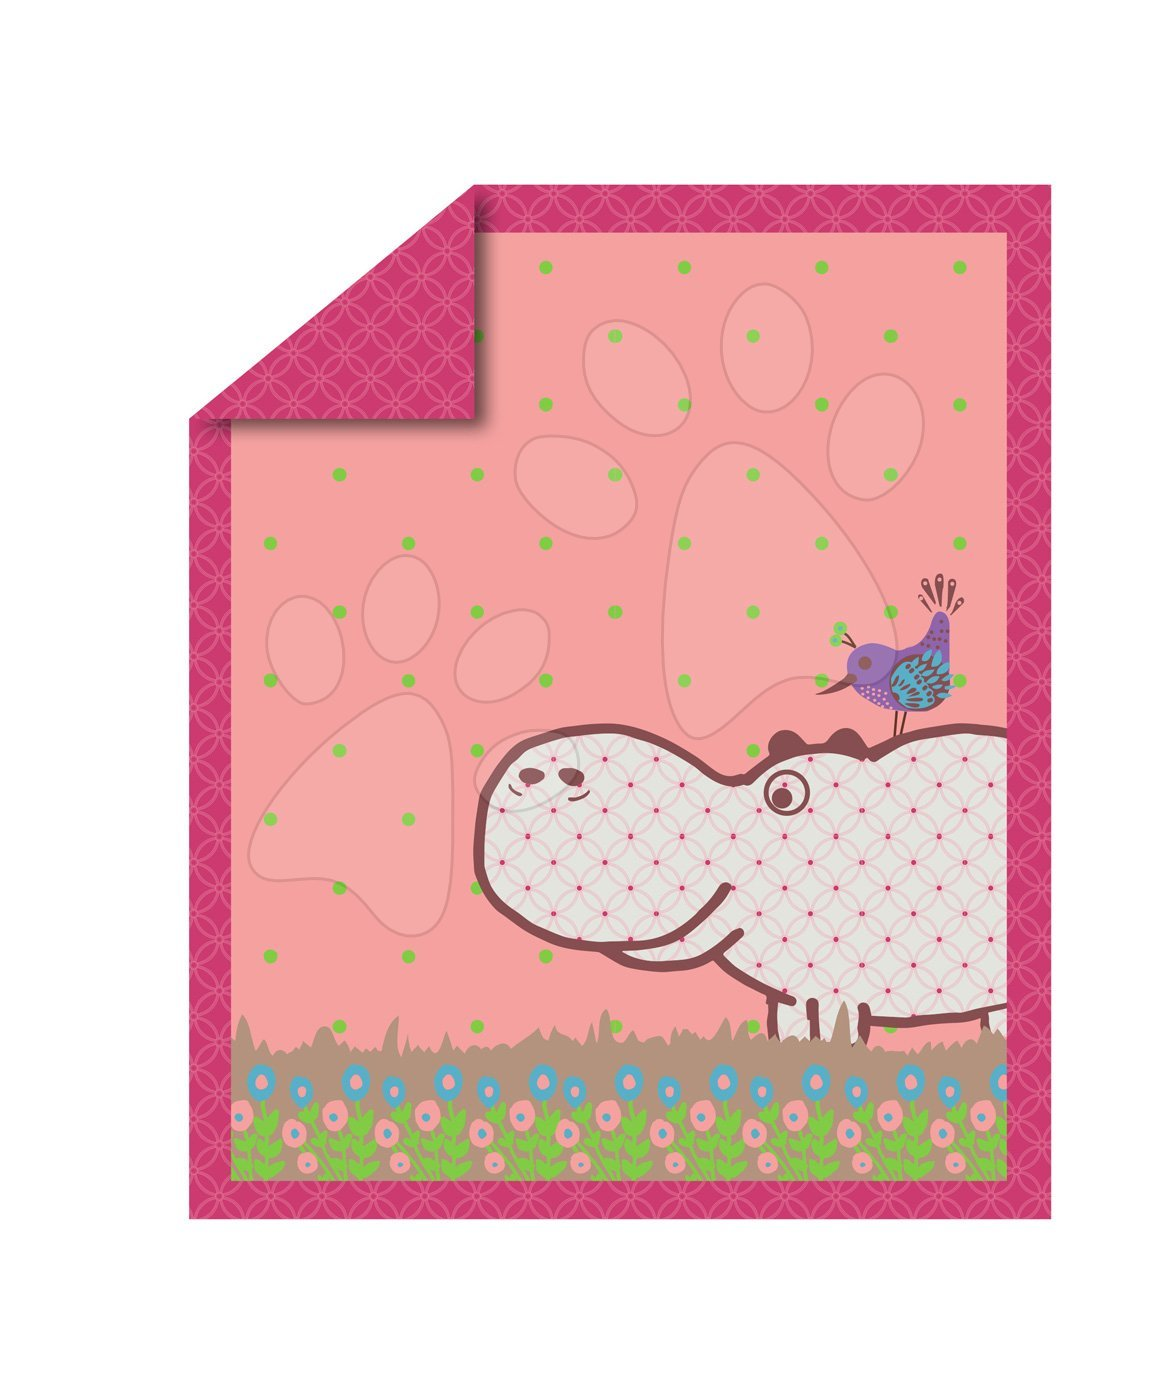 Paplón Sateen Hippo toTs smarTrike Hroch 100 % bavlna vzhľad saténu ružový od 0 mesiacov